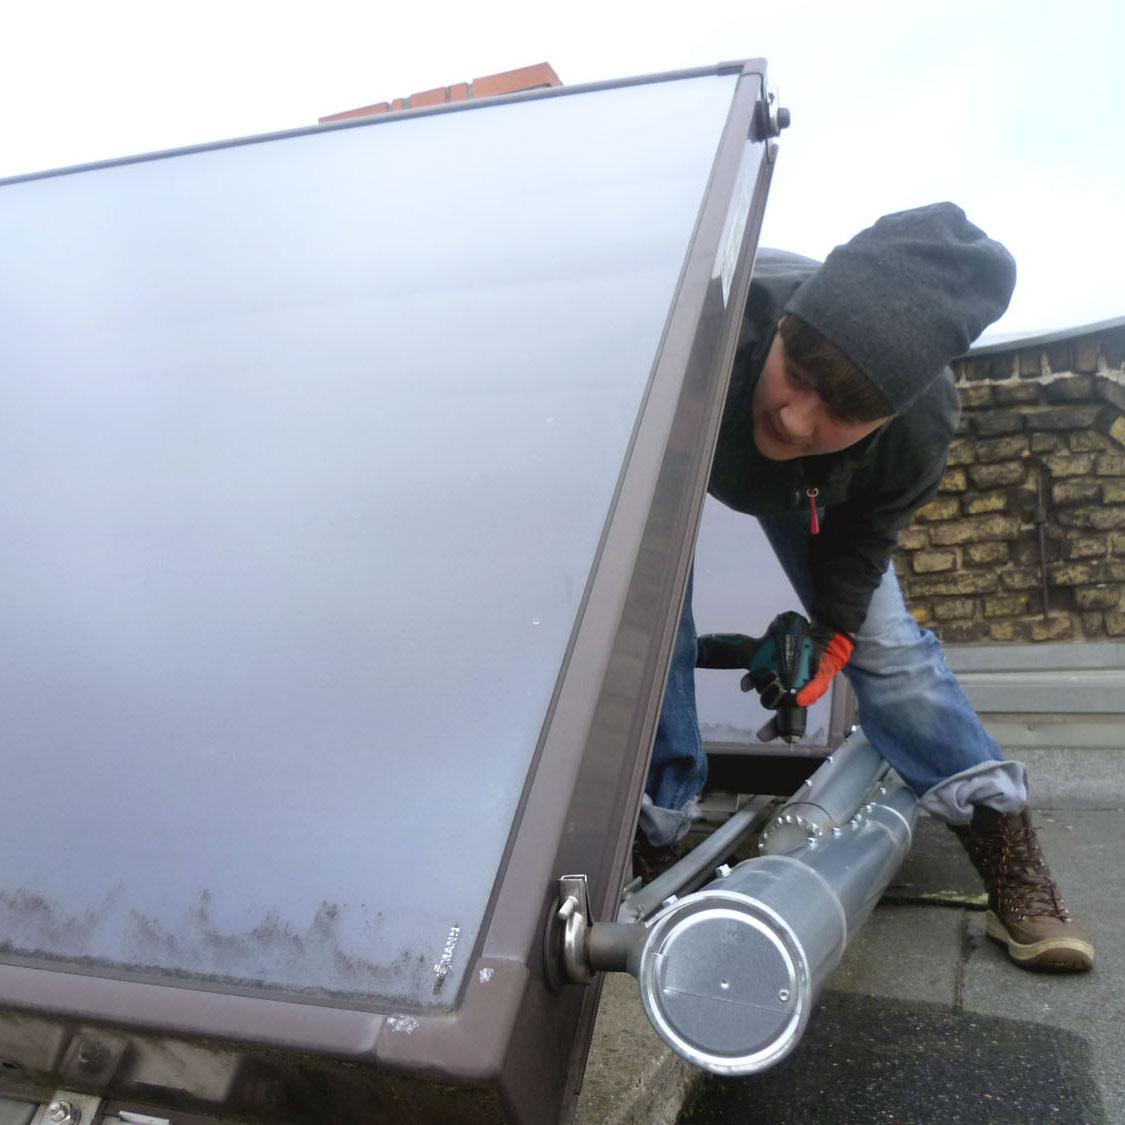 Coverbild der STellenanlalyse: Anlagenmechanikerin repariert Solarkollektor